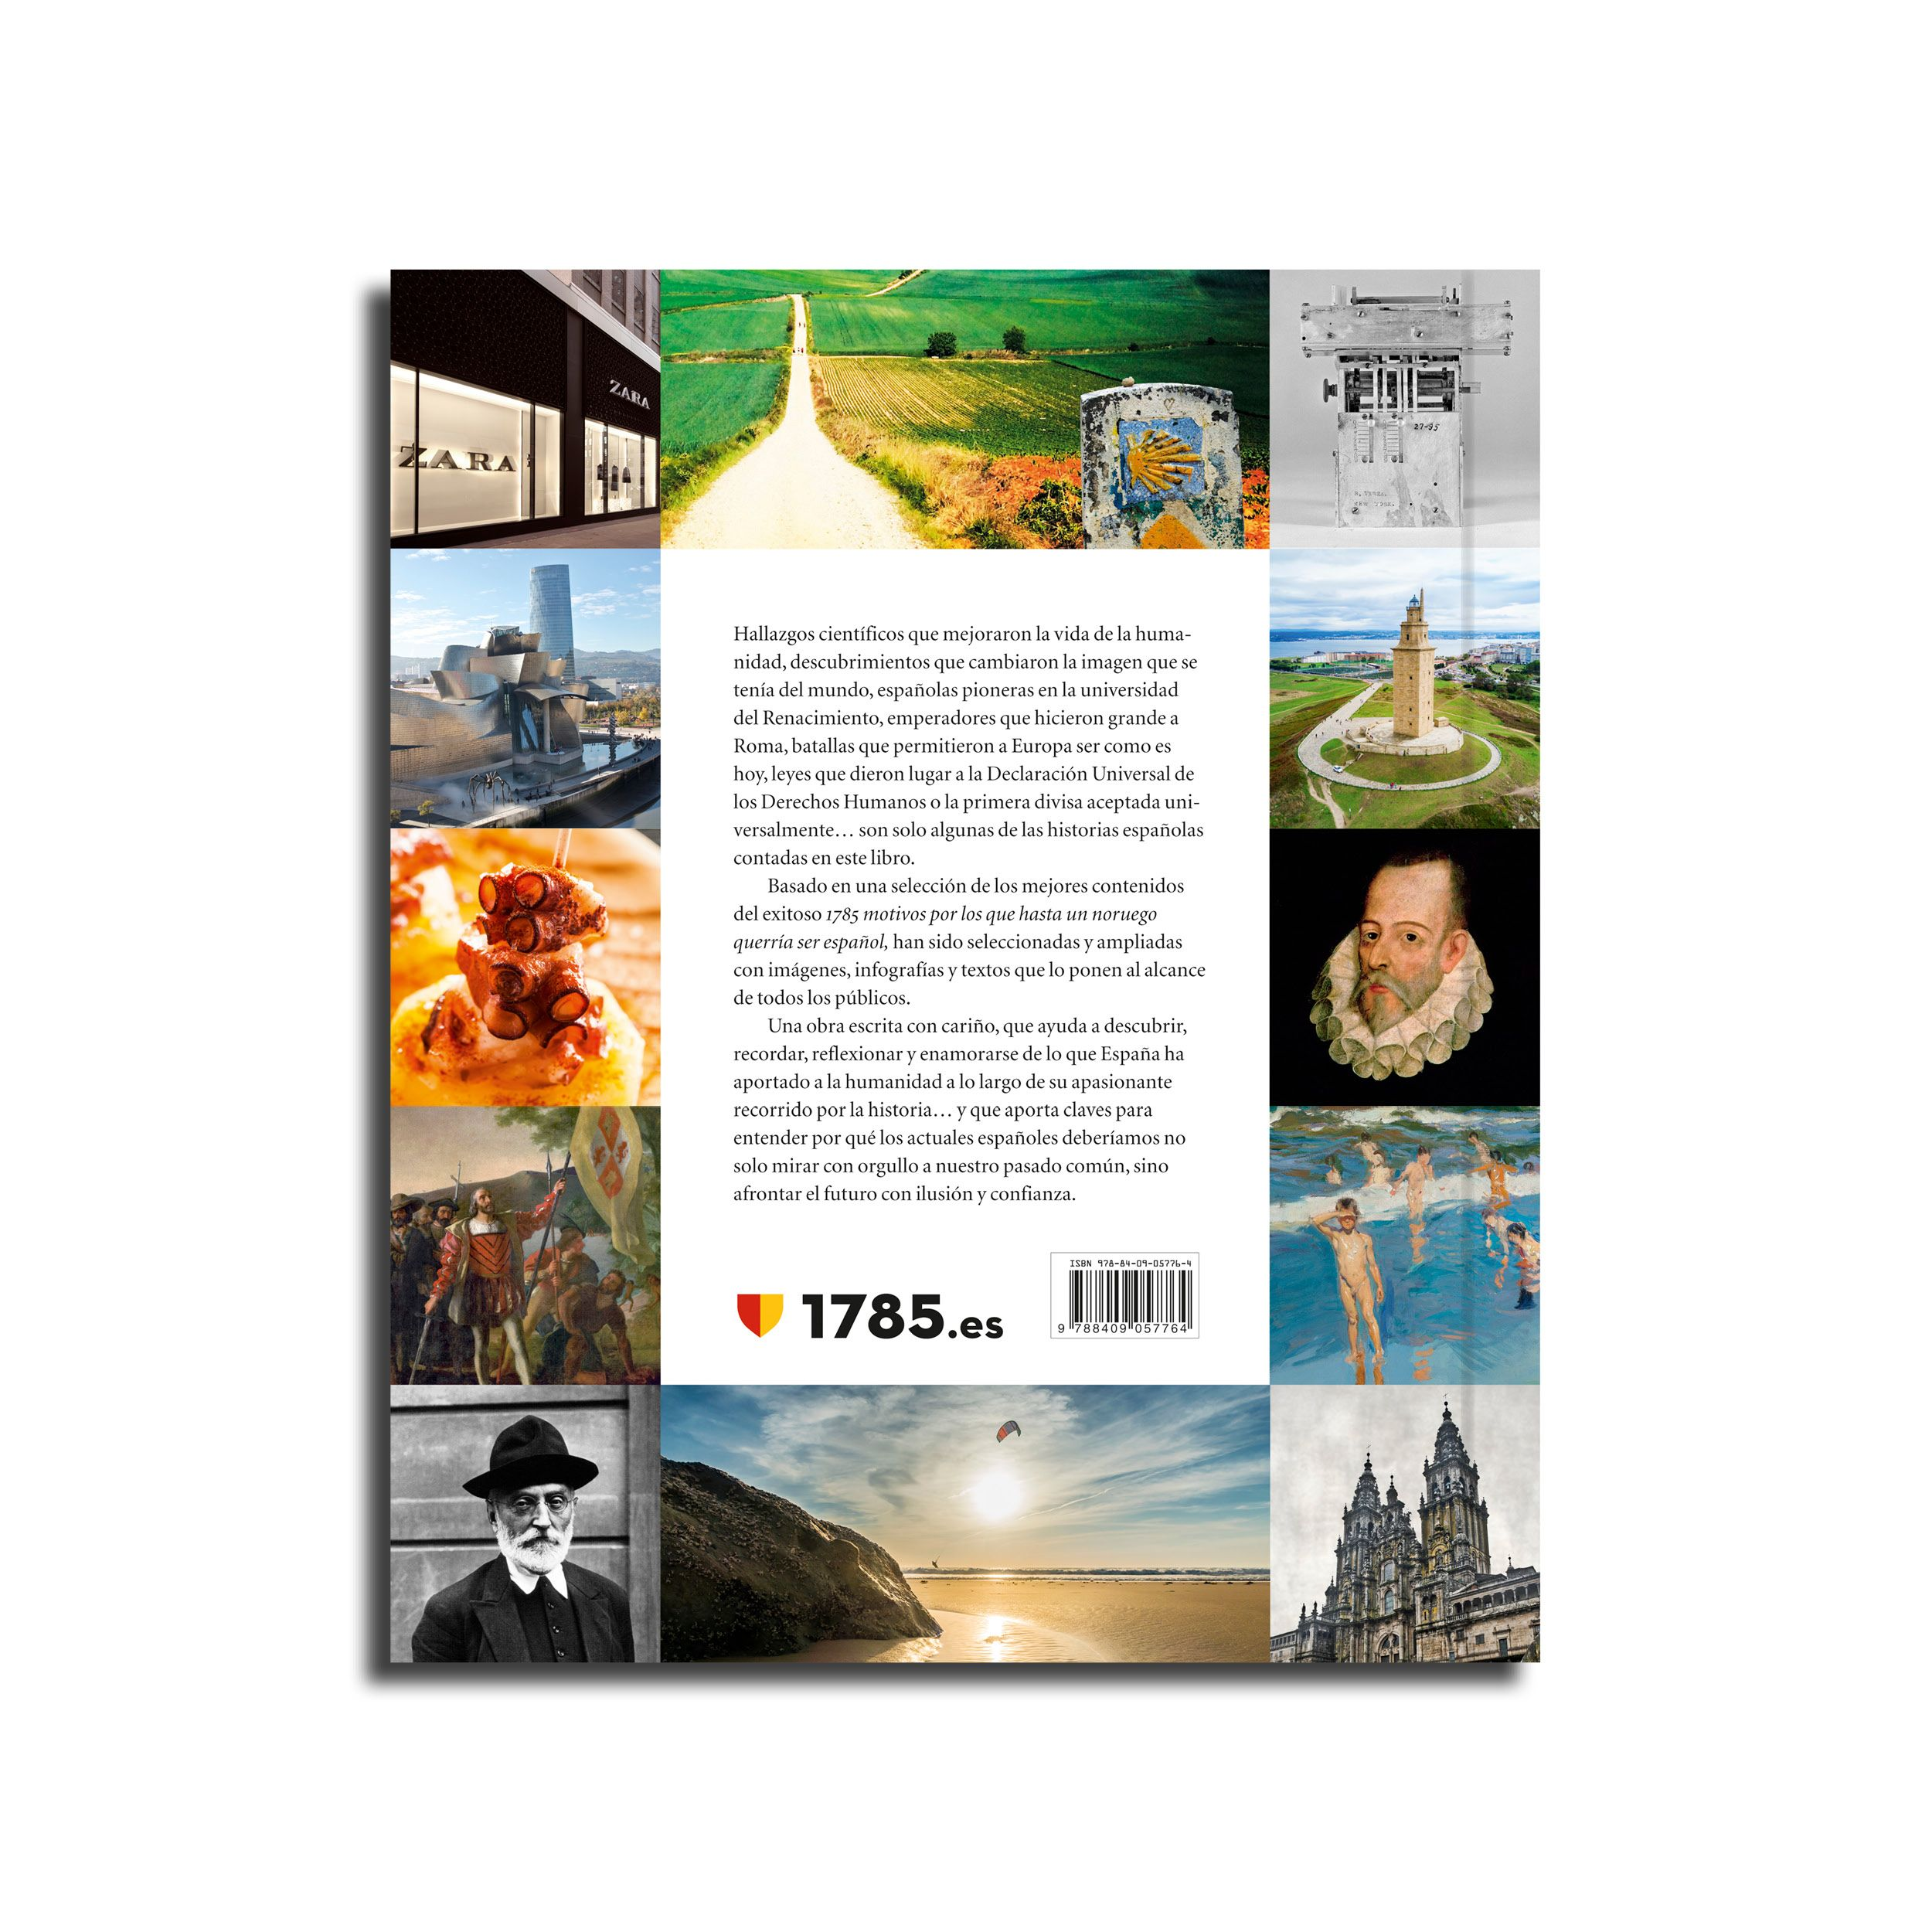 Fotografia Contraportada Libro 100% España